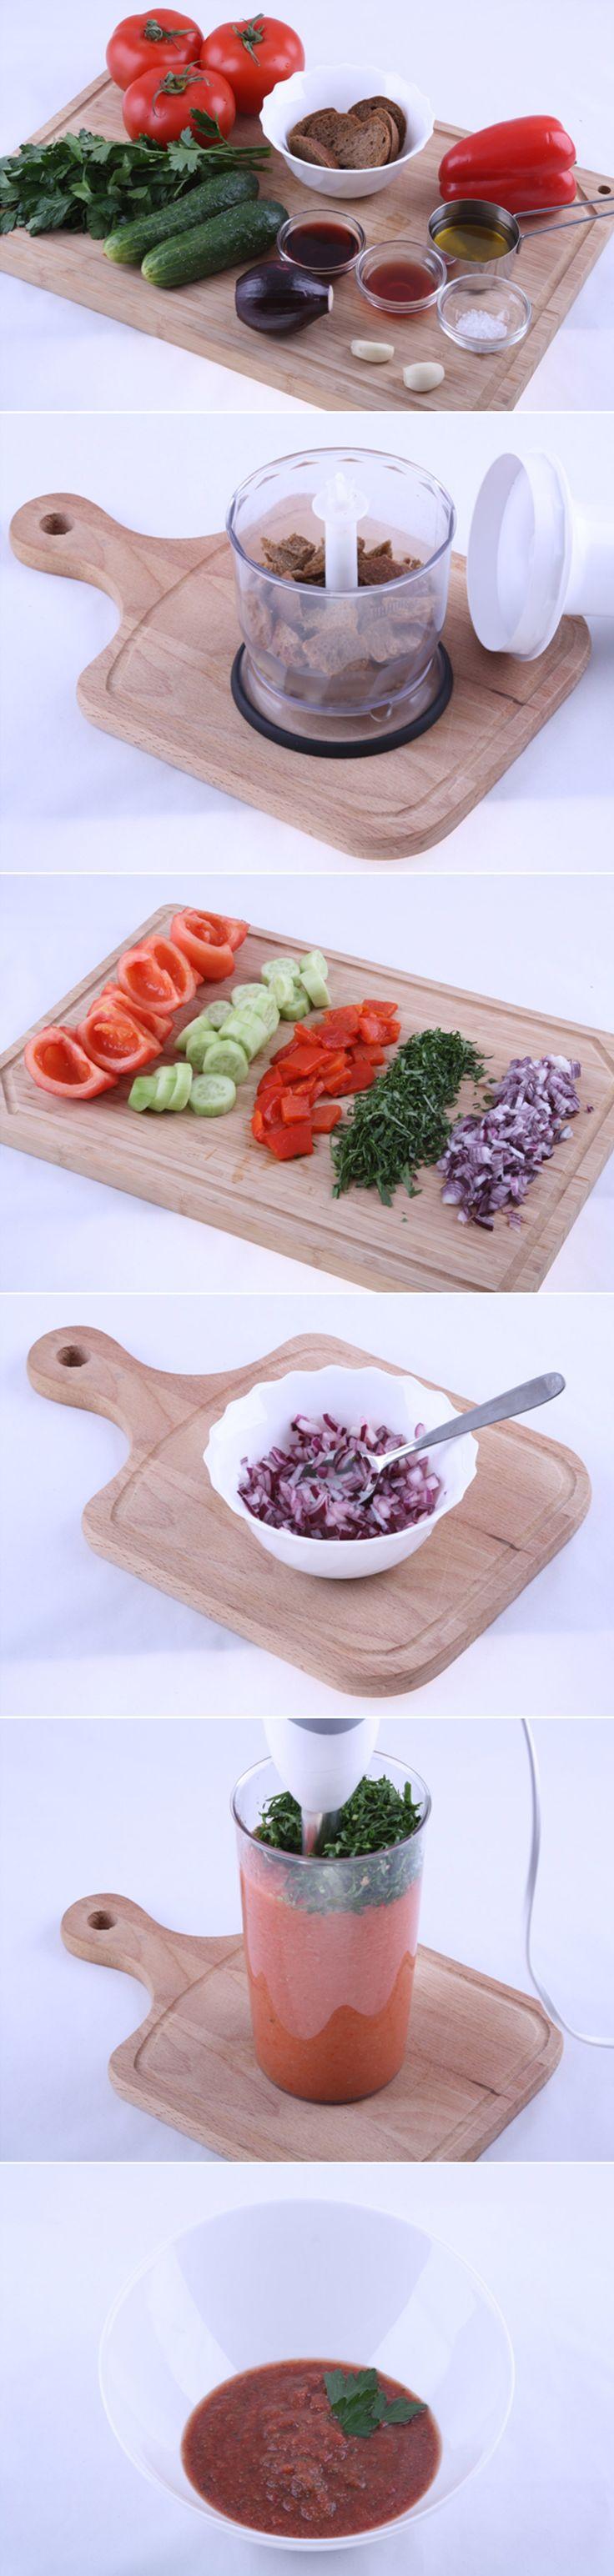 Рецептов гаспачо великое множество, мы покажем вам один из вариантов приготовления этого легкого холодного супа. Суп не представляет особой сложности в приготовлении, он очень низкокалорийный, поэтому рекомендуем тем, кто хочет похудеть или соблюдает диету. Рецепт...http://vk.com/dinnerday; http://instagram.com/dinnerday #суп #кулинария #гаспачо #томат #помидор #диета #вегетарианское #еда #овощи #рецепт #dinnerday #food #cook #recipe #soup #cookery #gazpacho #vegetables #vegetarian #diet…